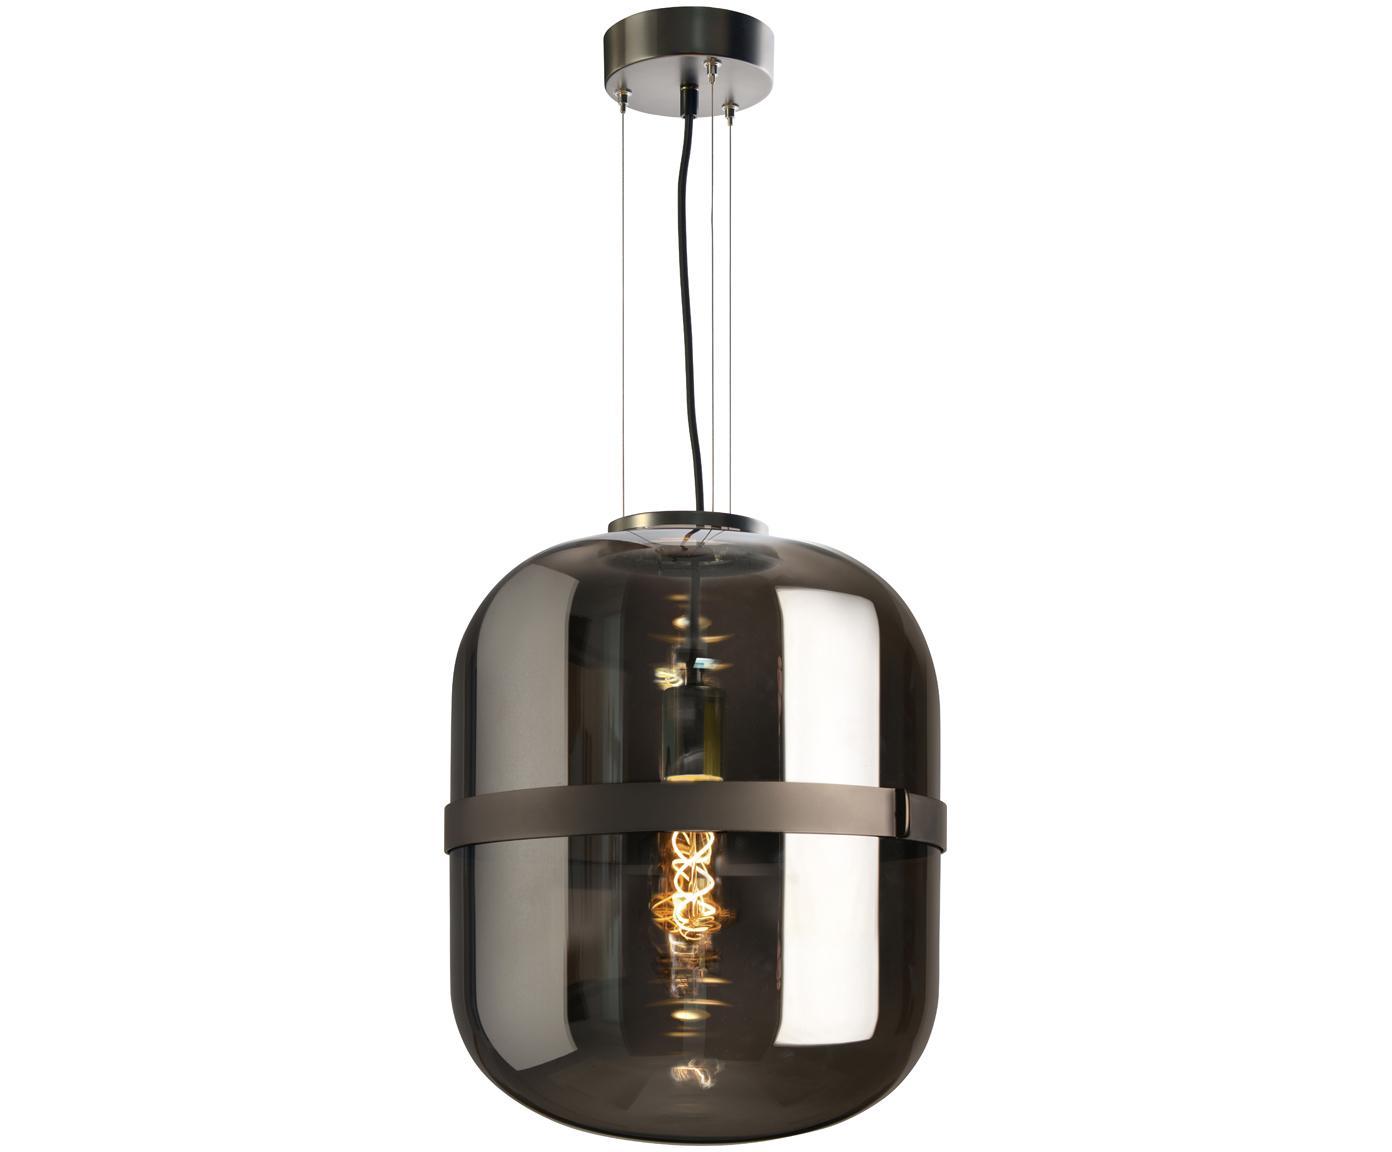 Lámpara de techo Baloni, Pantalla: vidrio, Gris oscuro, Ø 34 x Al 45 cm